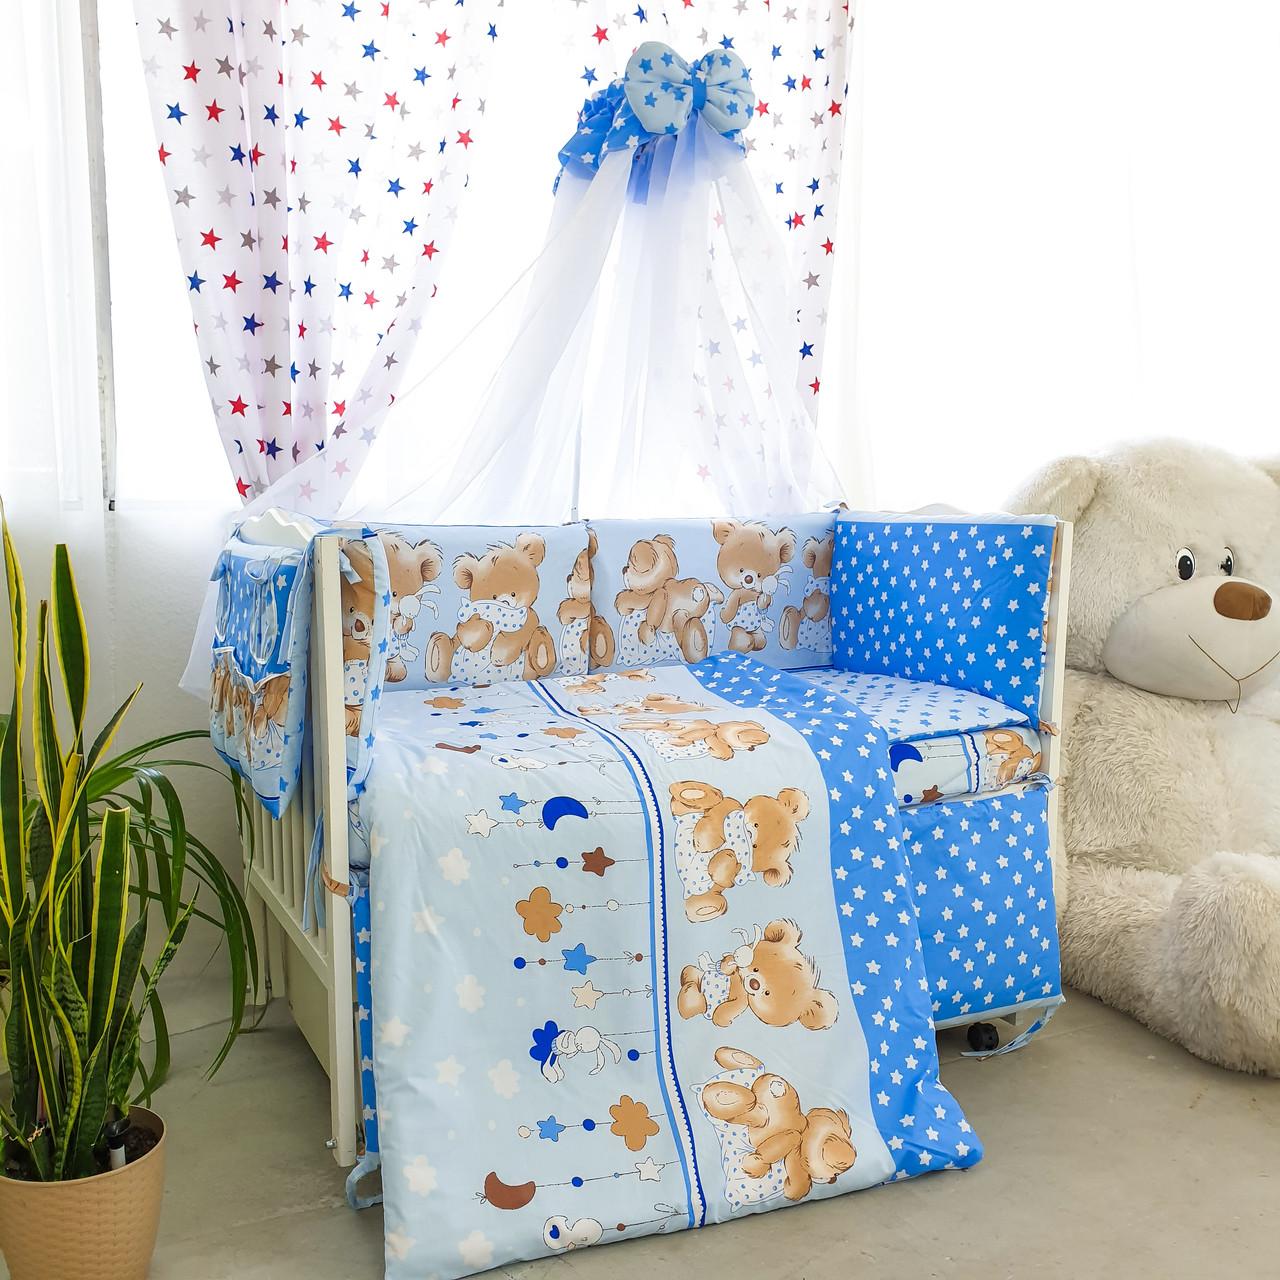 Детская постель Мишки детки 8 элементов (цвета в ассортименте)Бесплатная доставка